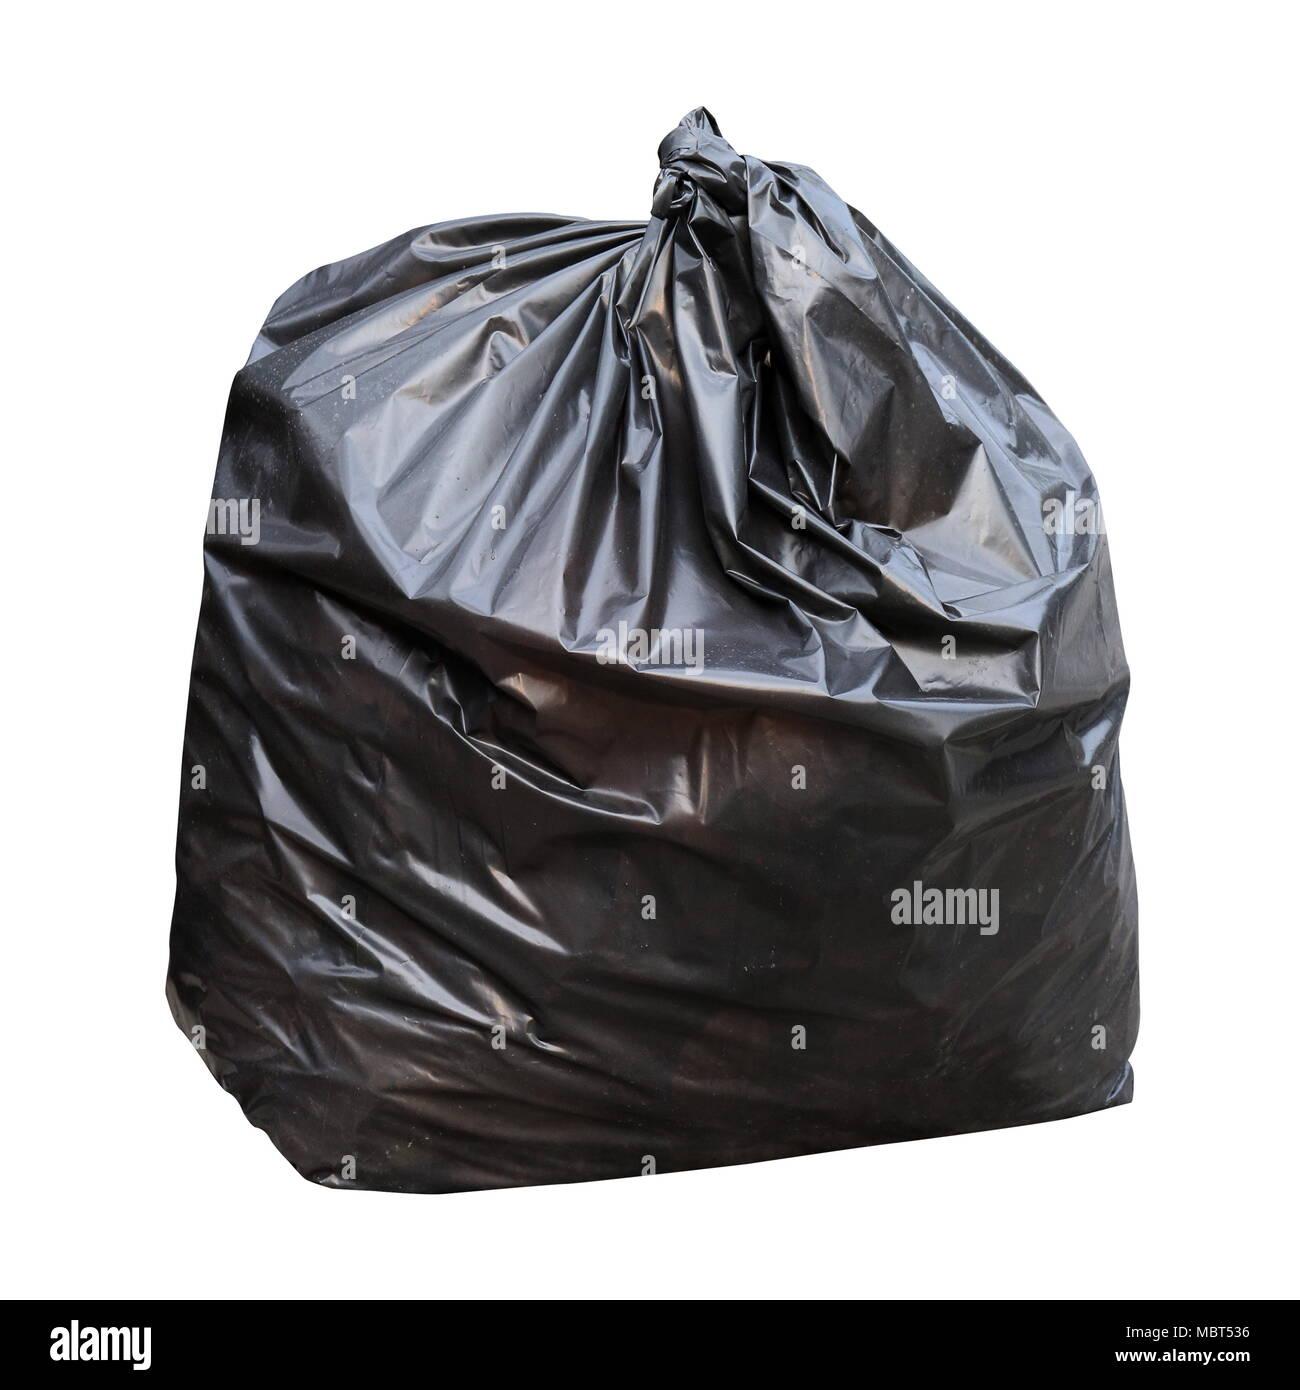 9cb60ae7afe64 Abfall Abfall Tasche (schwarz auf weißem Hintergrund Stockfoto